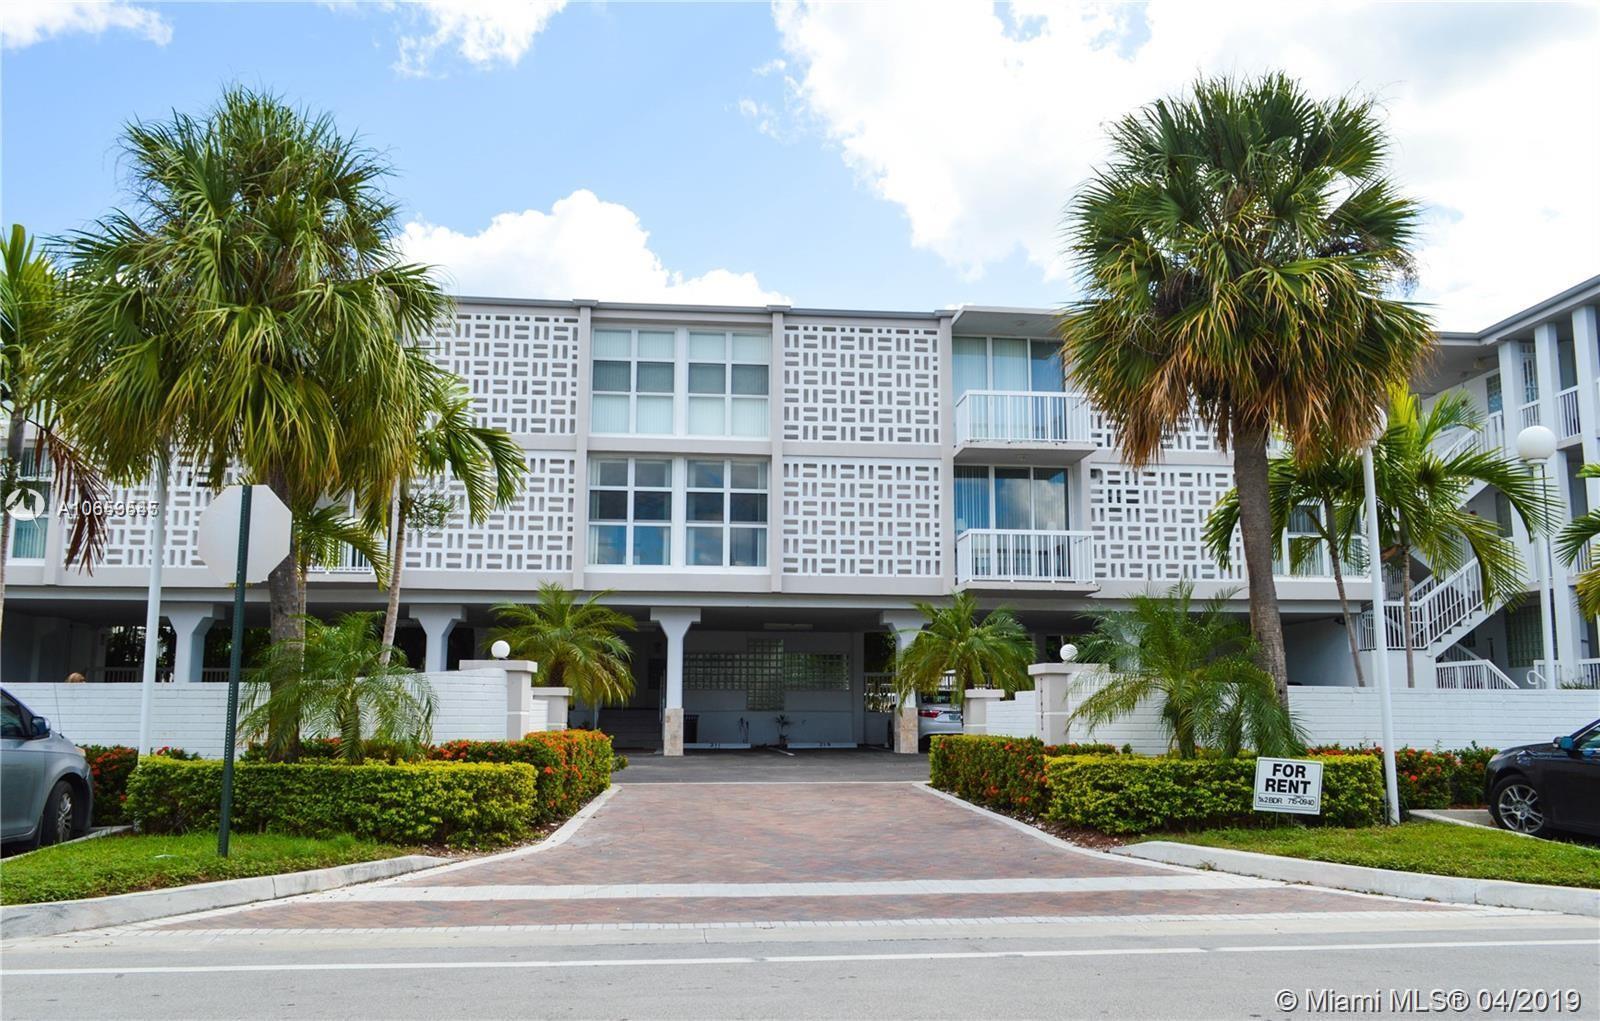 1080 99th St, Bay Harbor Islands, FL 33154 - Bay Harbor Islands, FL real estate listing